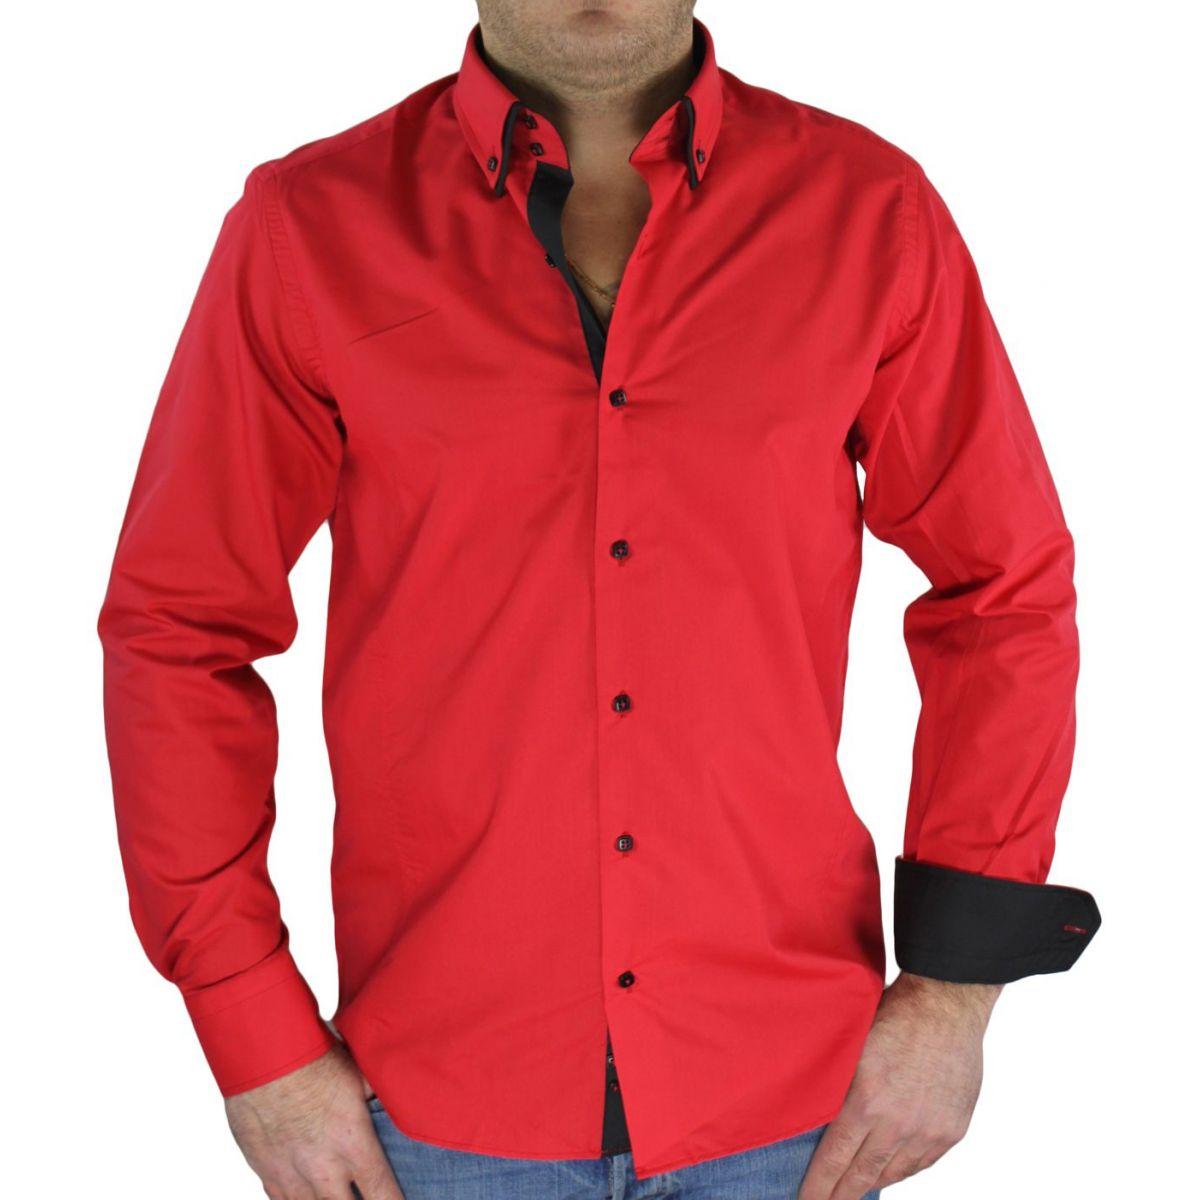 chemise rouge noir. Black Bedroom Furniture Sets. Home Design Ideas